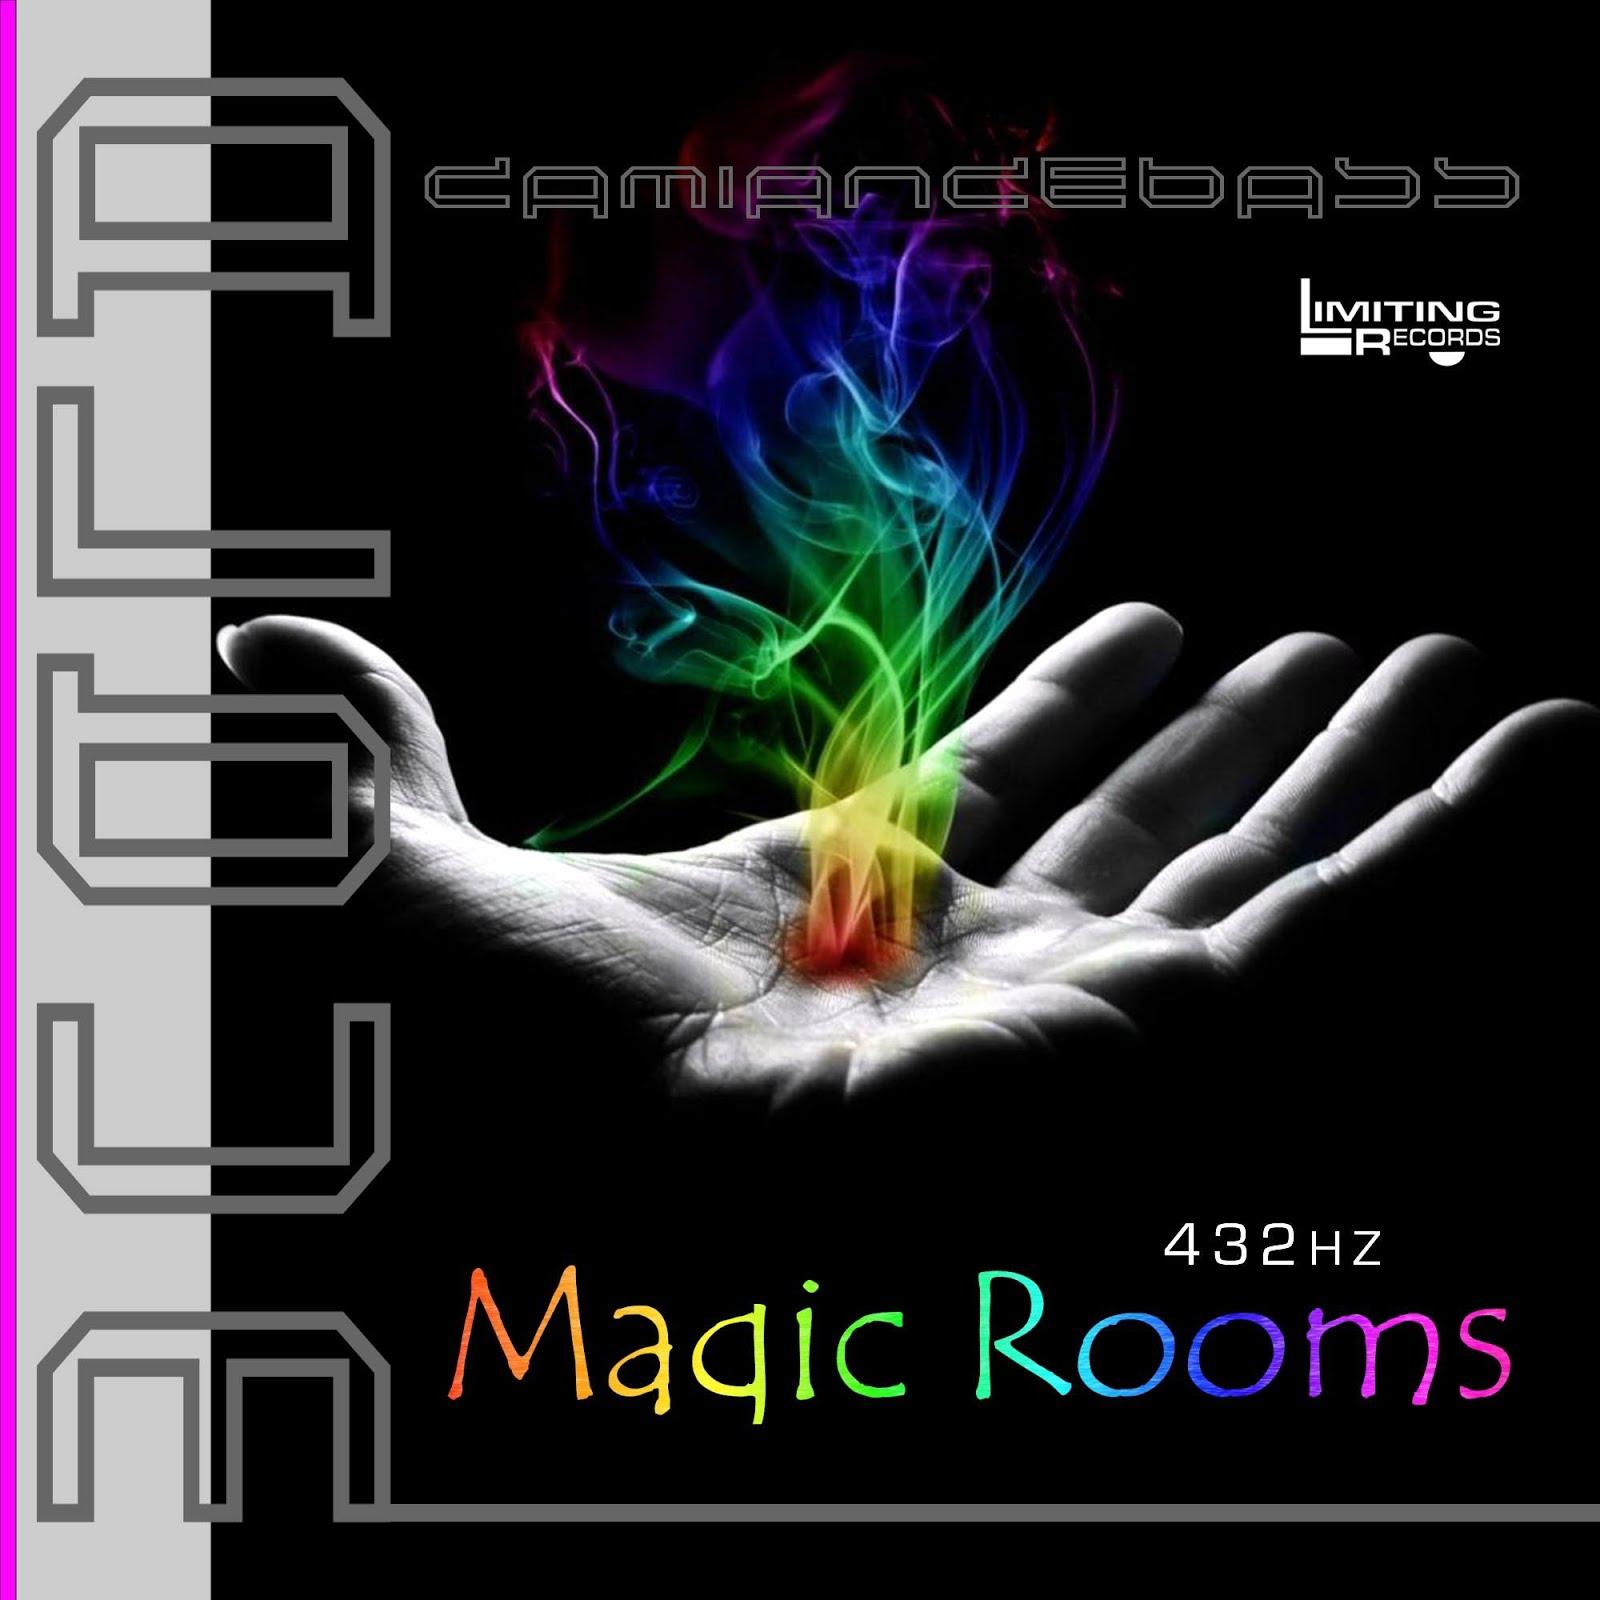 Magic Rooms The Album Meditation 432 HZ